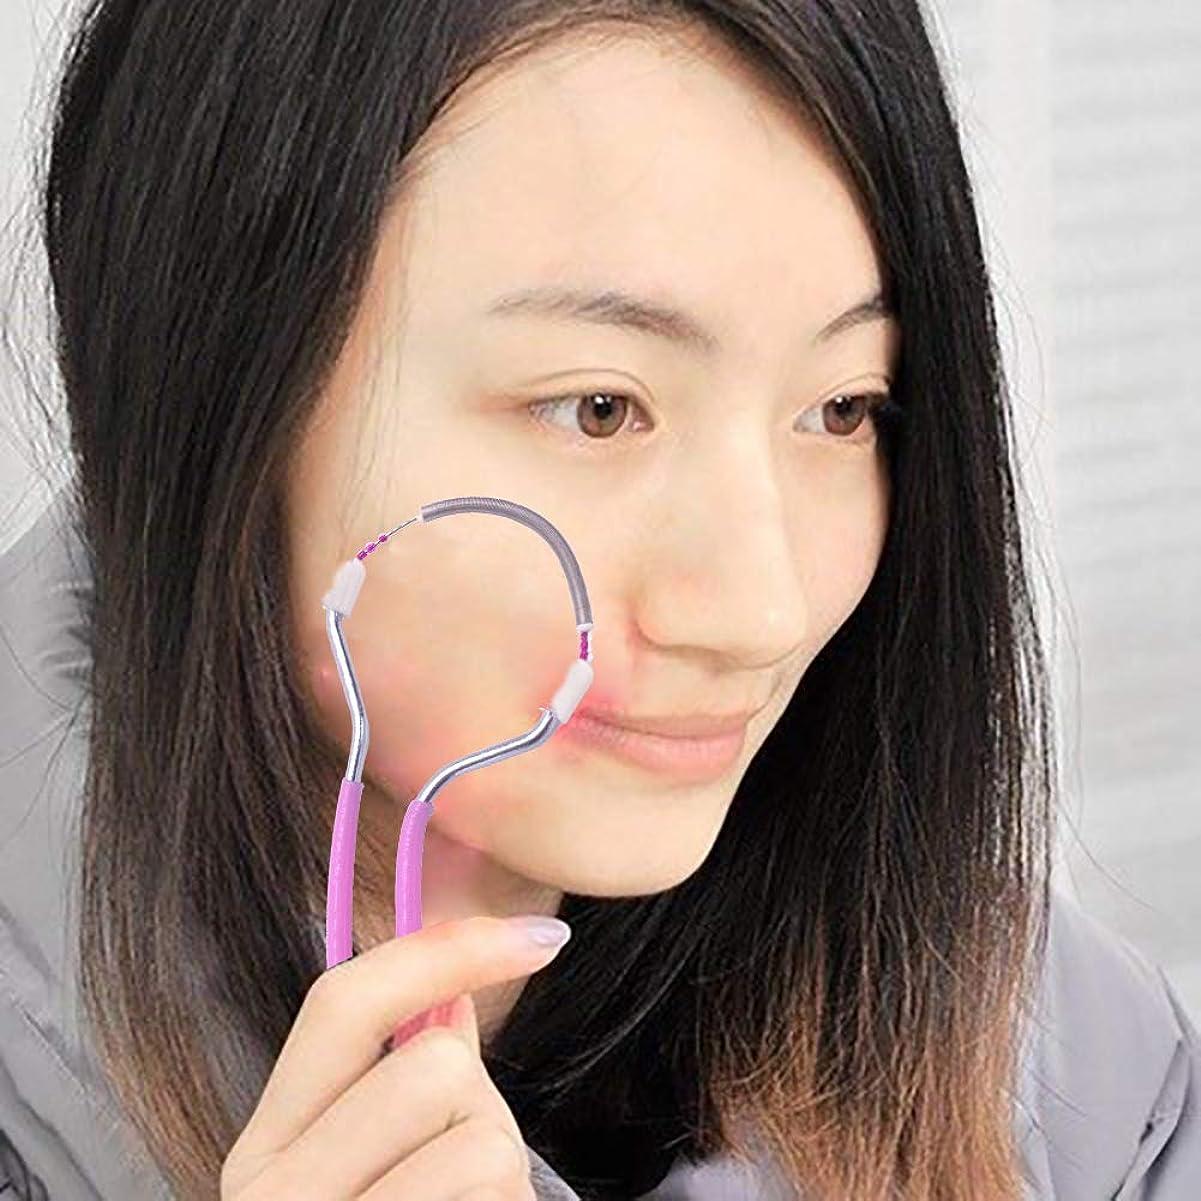 克服する指導する作曲家春の顔の毛の除去剤、滑らかな仕上げの顔の毛の除去剤、男性と女性のためのポータブル&効果的な手動脱毛器スティック。